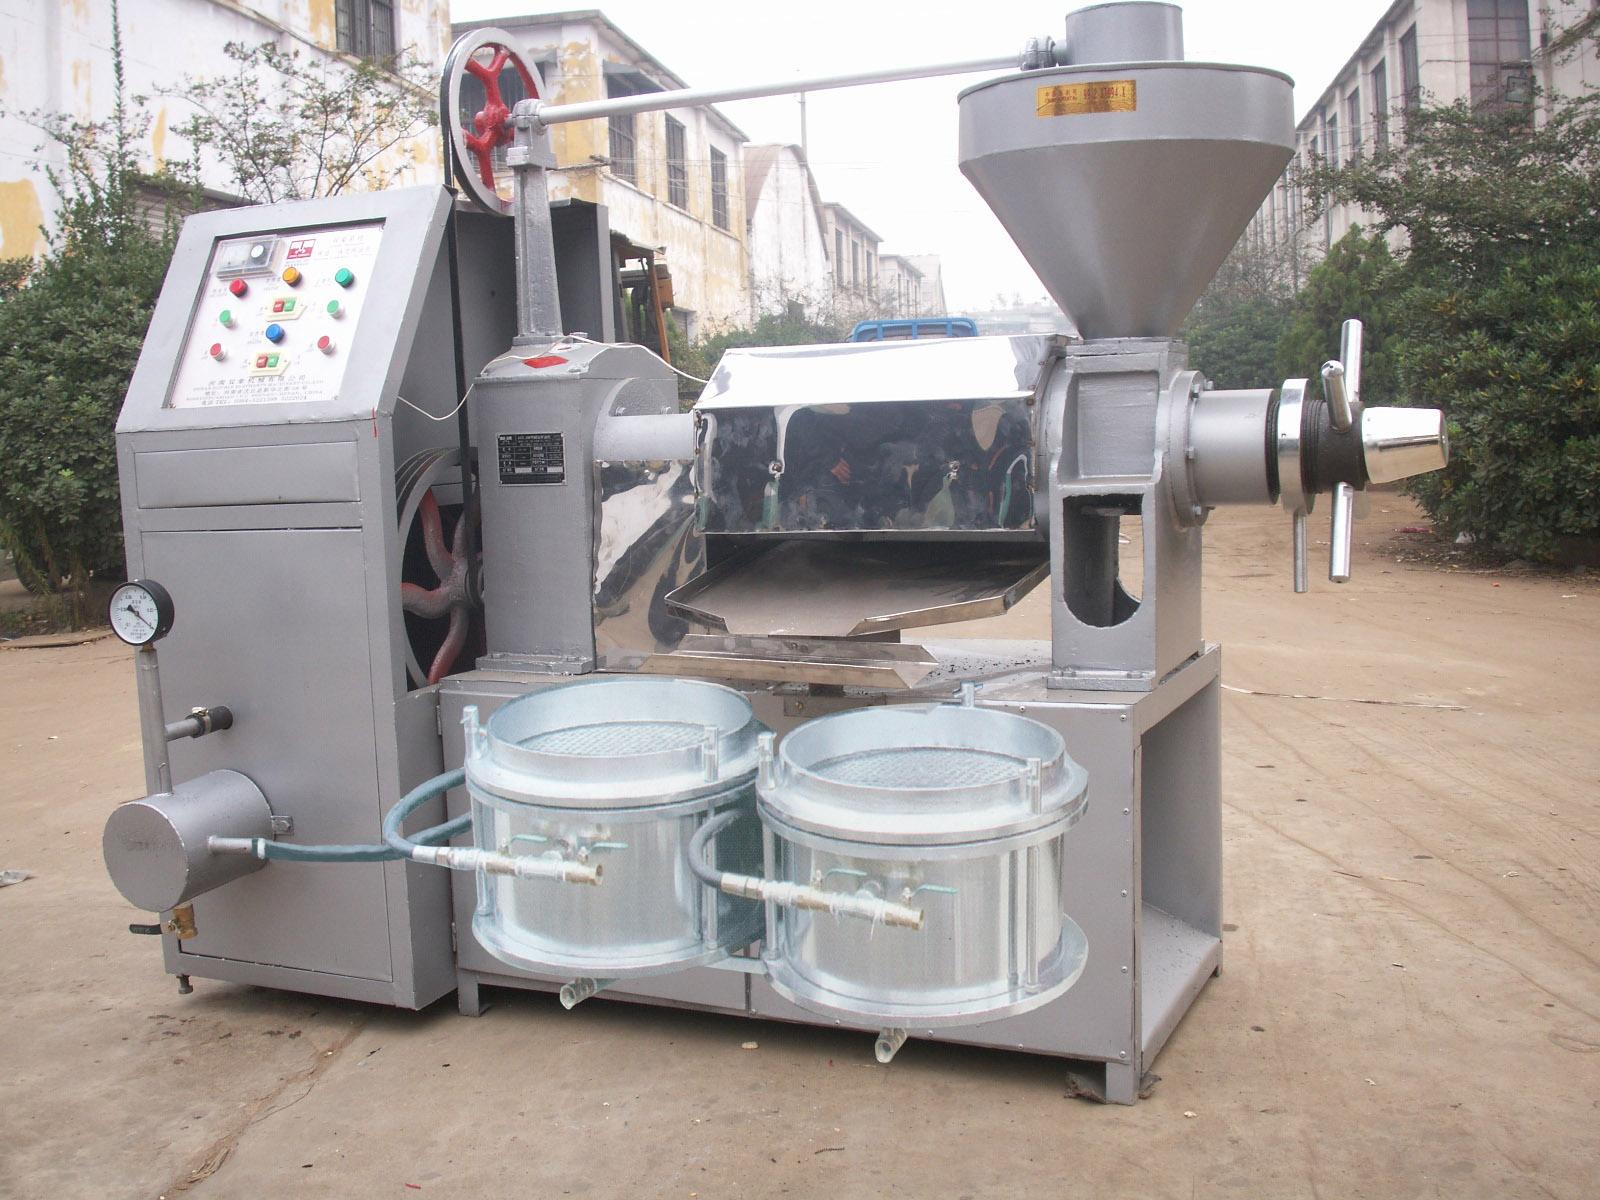 projeto maquina sistema prensagem caroco algodao